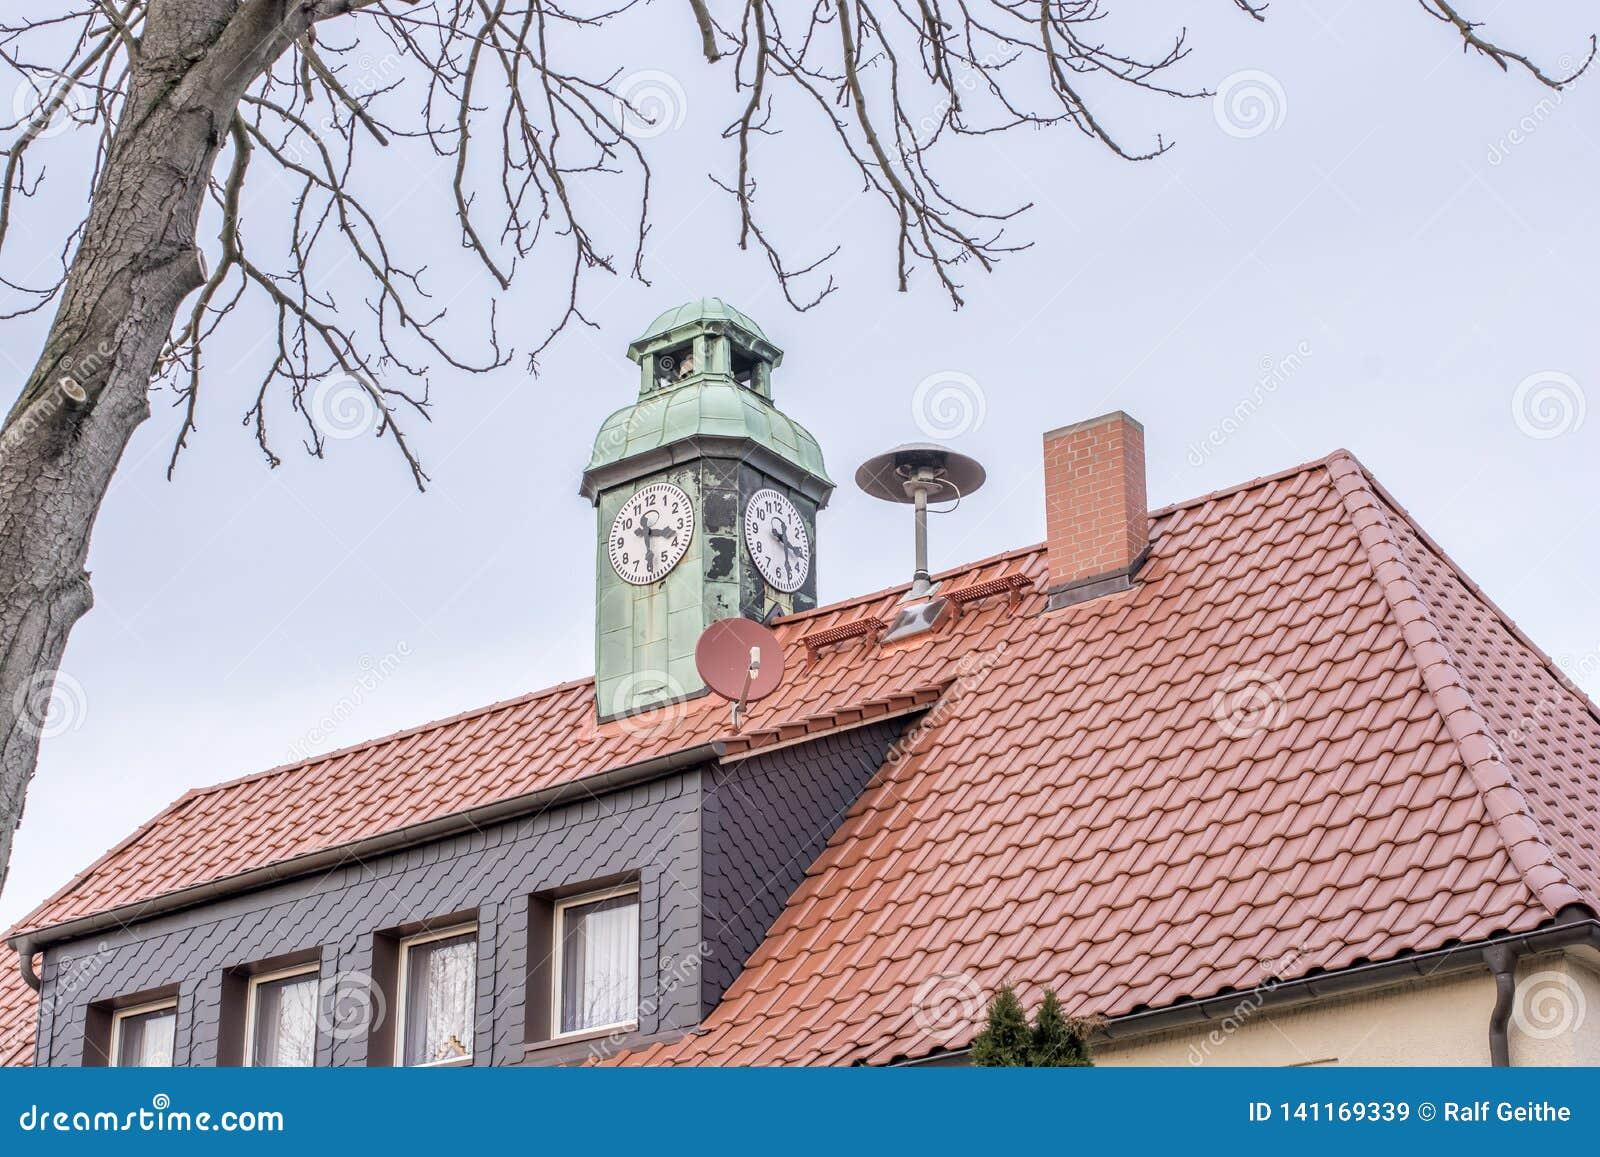 Hus med klockatornet och siren av den lokala brandstationen på taket